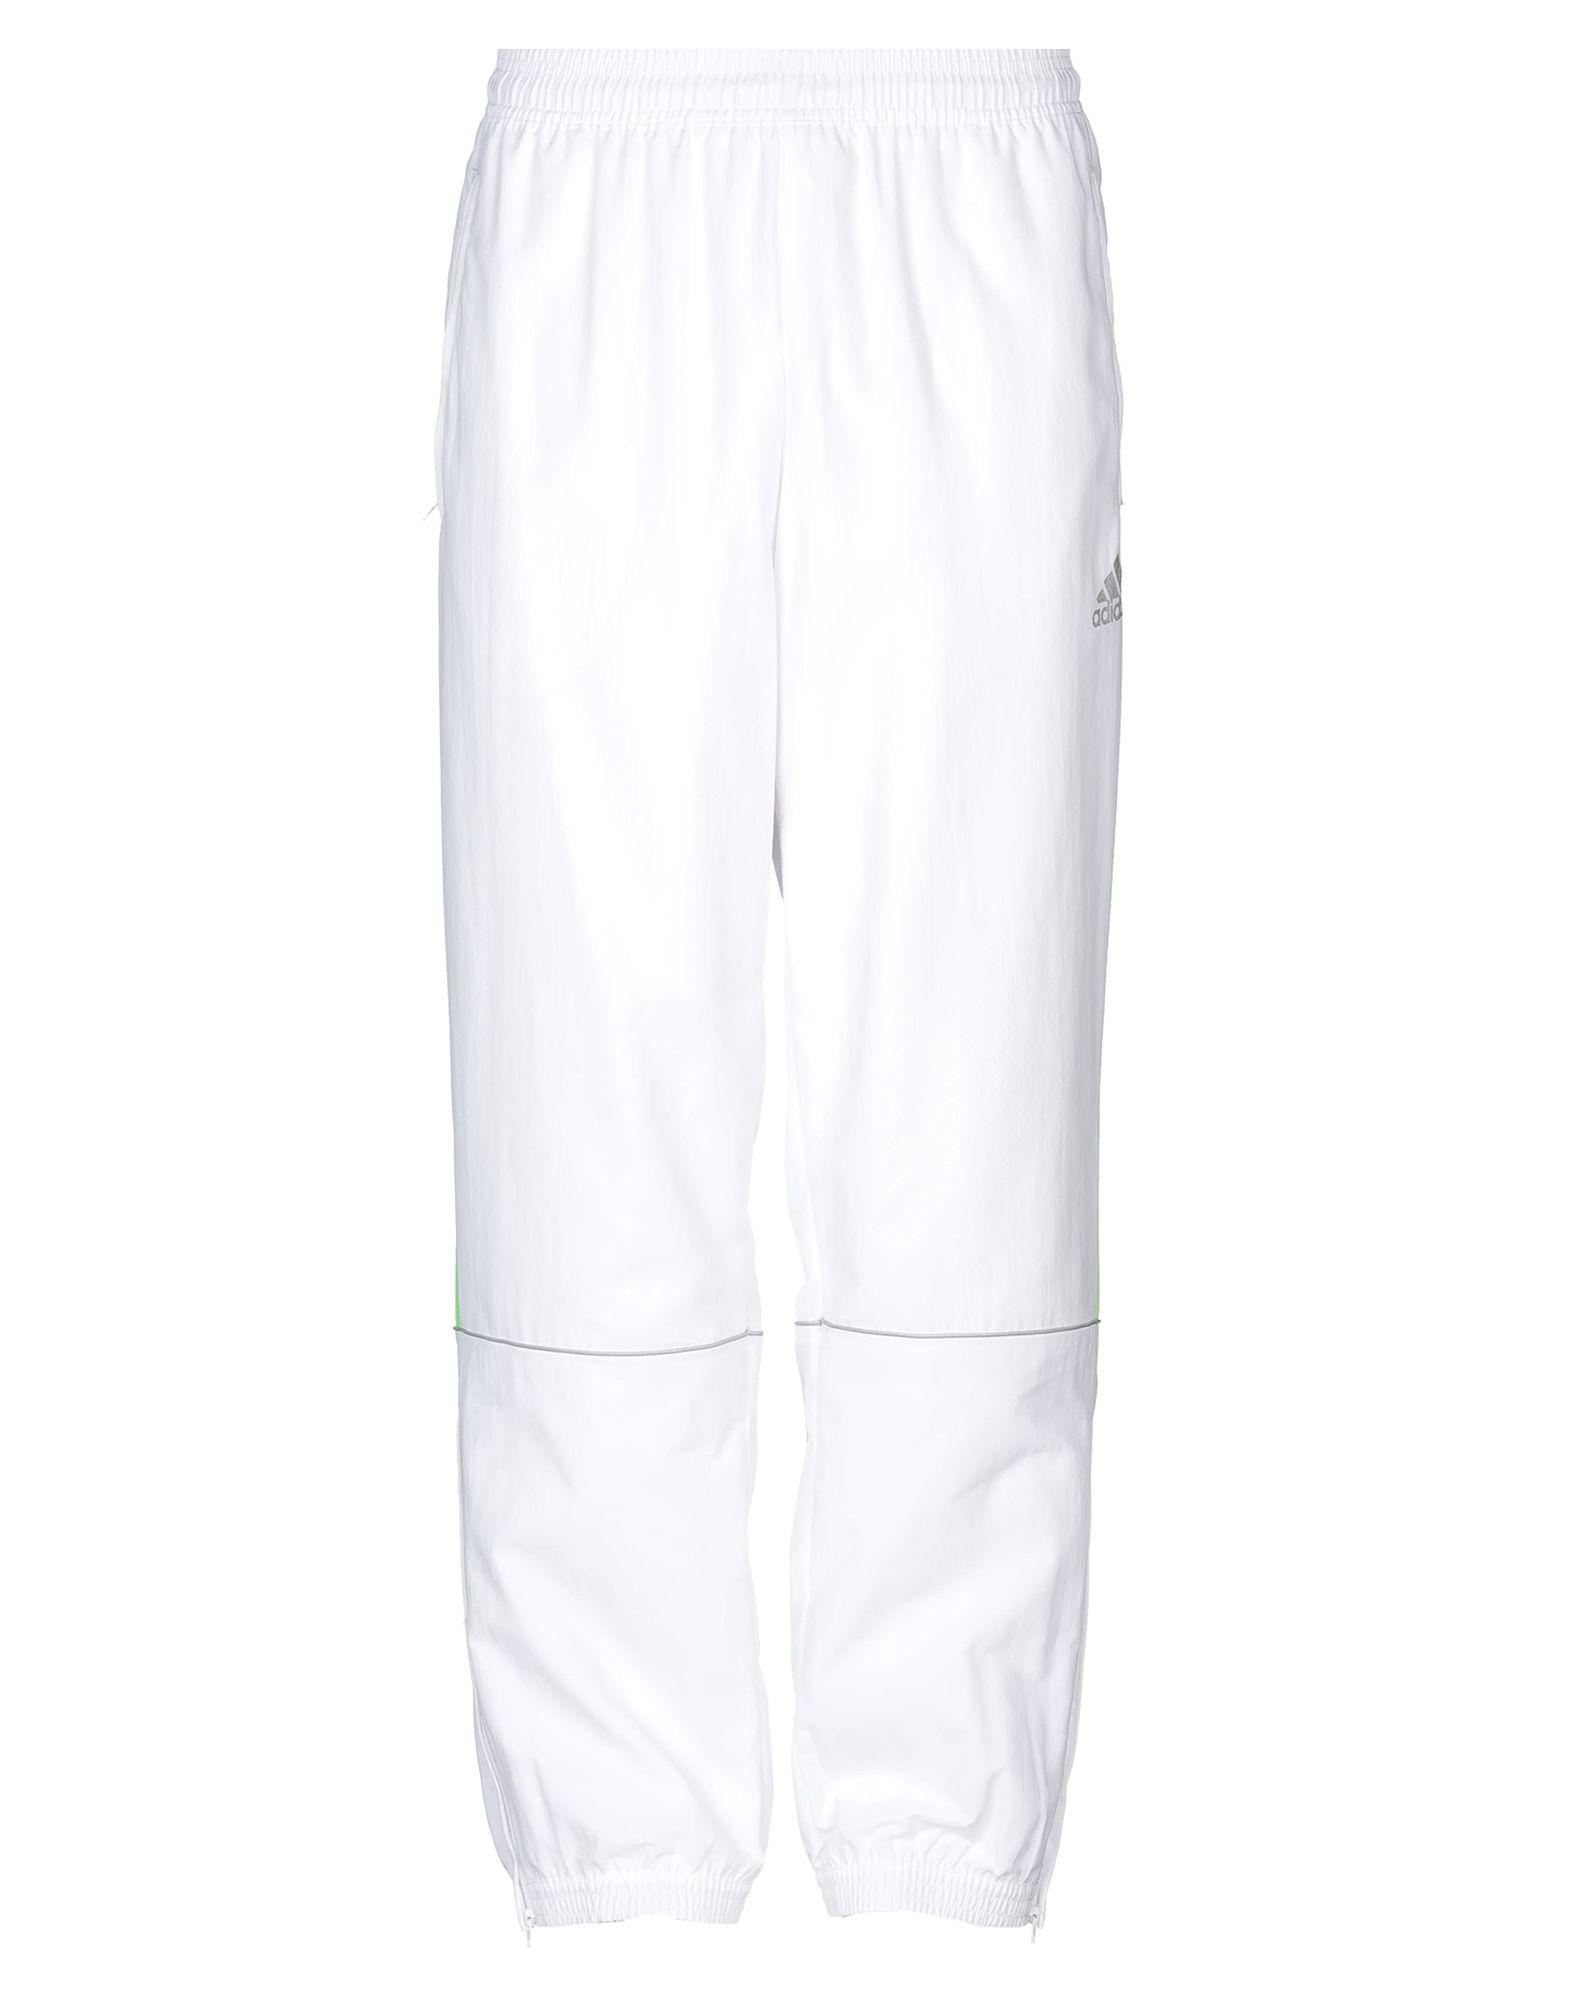 《送料無料》ADIDAS メンズ パンツ ホワイト XL ナイロン 100%